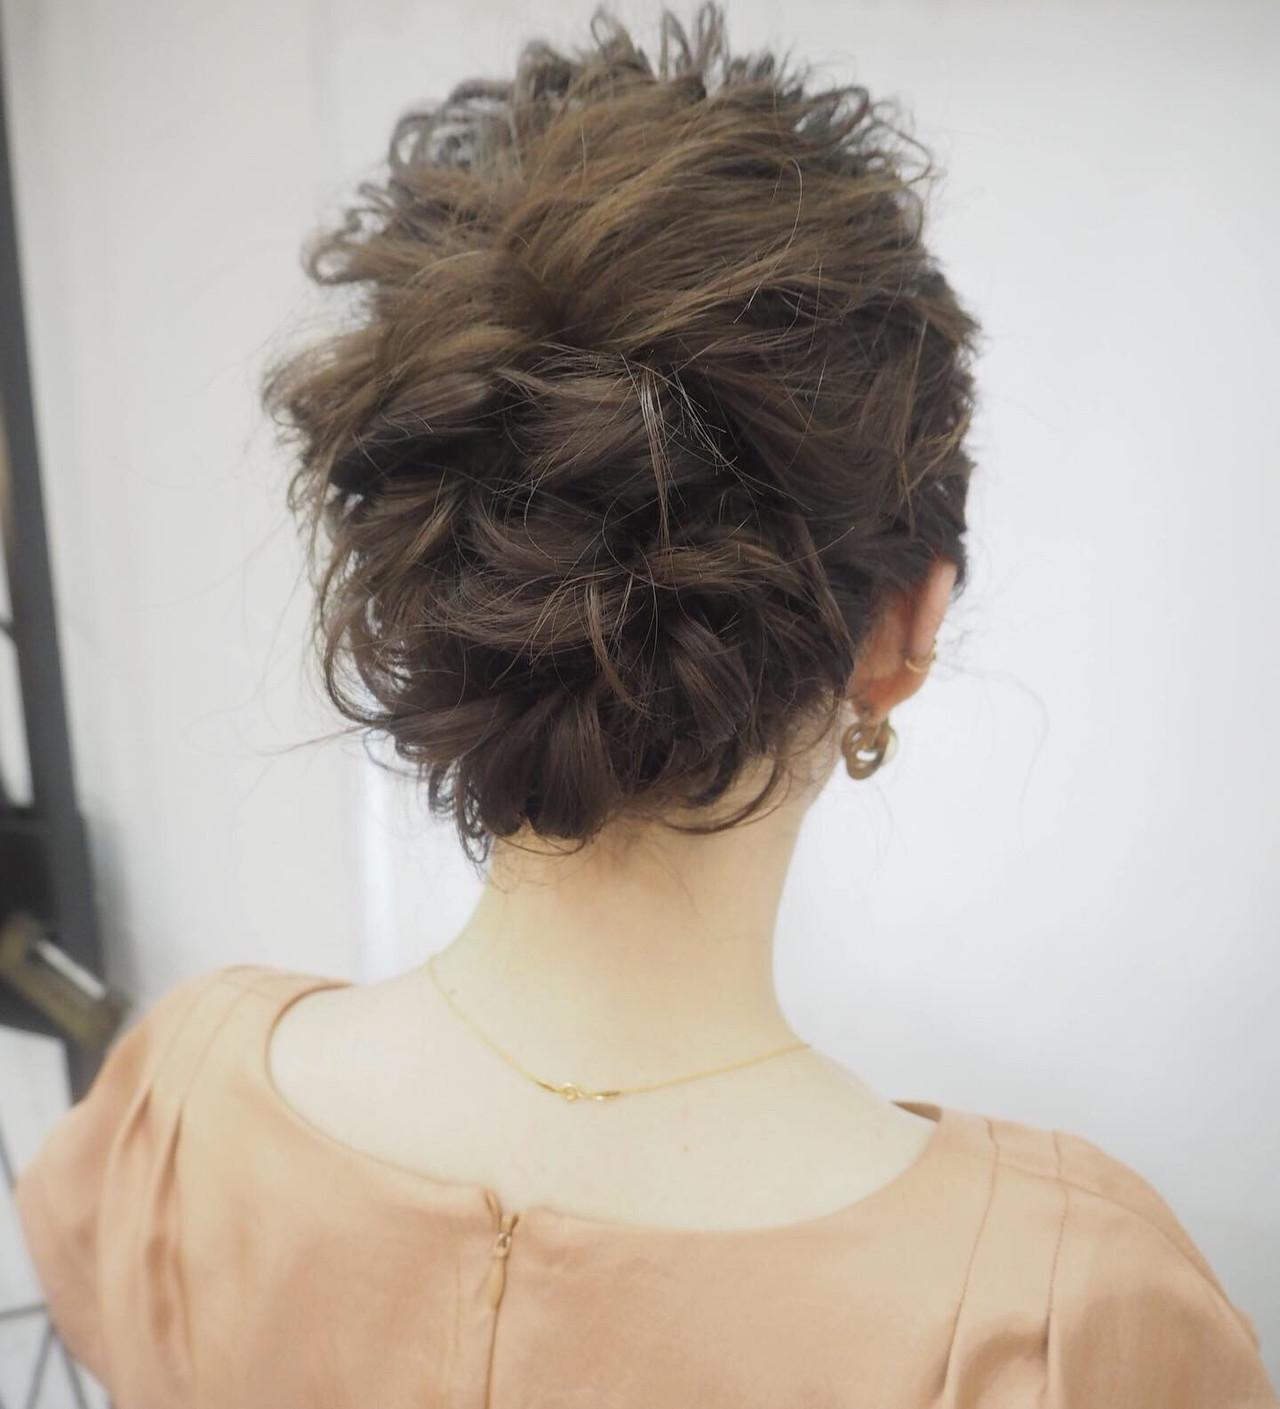 ナチュラル ヘアアレンジ 結婚式 簡単ヘアアレンジ ヘアスタイルや髪型の写真・画像